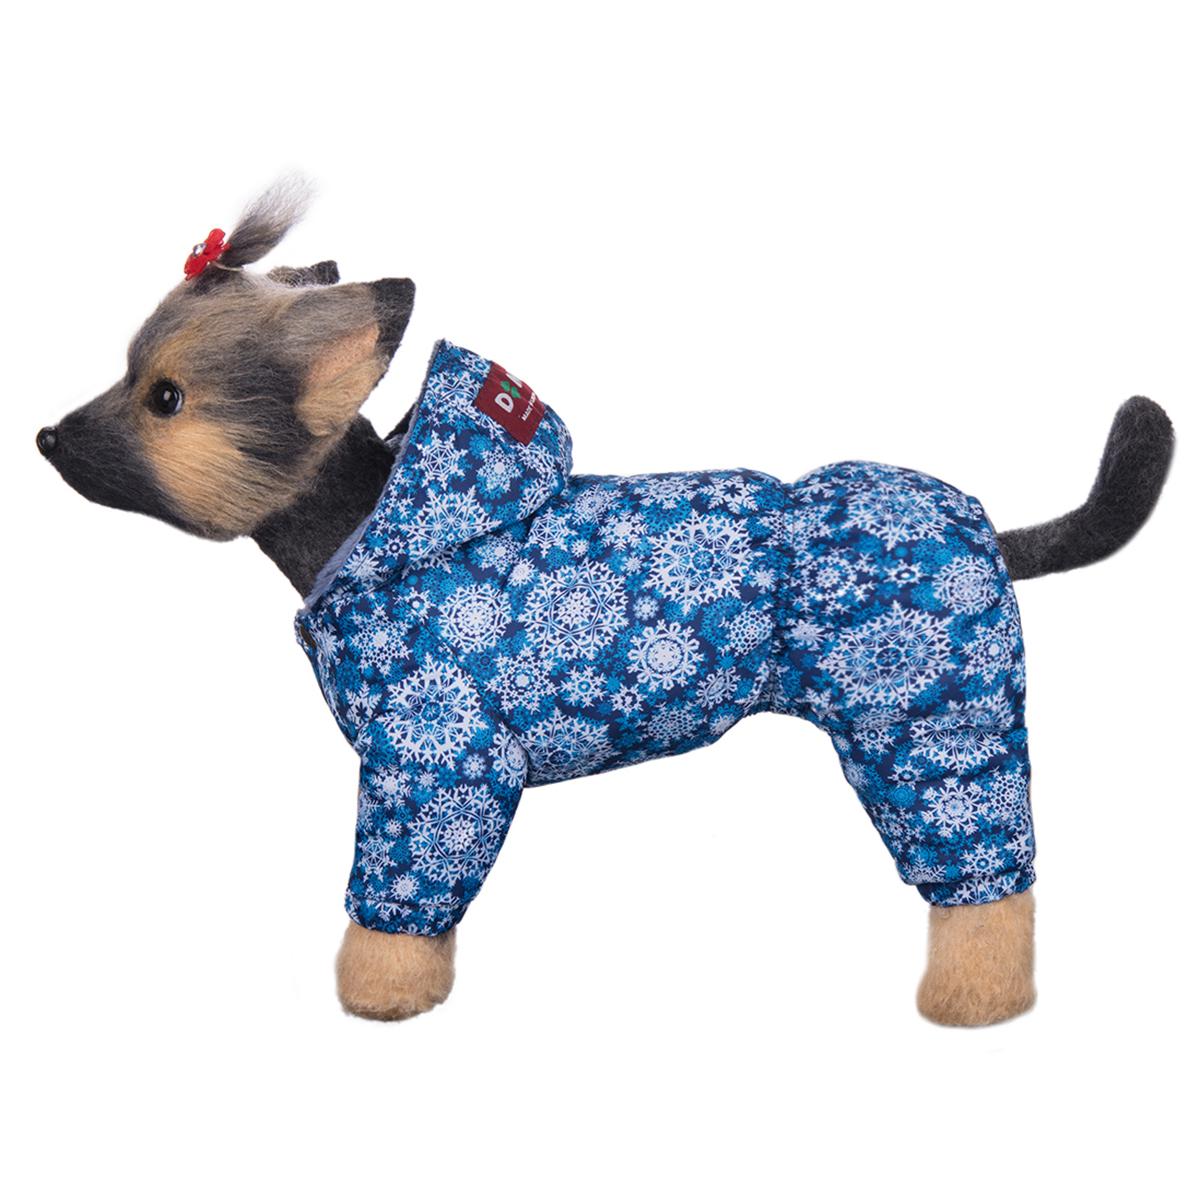 Комбинезон для собак Dogmoda Зима, зимний, унисекс, цвет: белый, синий. Размер 2 (M)DM-160258-2Зимний комбинезон для собак Dogmoda Зима отлично подойдет для прогулок в зимнее время года. Комбинезон изготовлен из полиэстера, защищающего от ветра и снега, с утеплителем из синтепона, который сохранит тепло даже в сильные морозы, а на подкладке используется искусственный мех, который обеспечивает отличный воздухообмен. Комбинезон с капюшоном застегивается на кнопки, благодаря чему его легко надевать и снимать. Капюшон не отстегивается. Низ рукавов и брючин оснащен внутренними резинками, которые мягко обхватывают лапки, не позволяя просачиваться холодному воздуху. Благодаря такому комбинезону простуда не грозит вашему питомцу.Одежда для собак: нужна ли она и как её выбрать. Статья OZON Гид